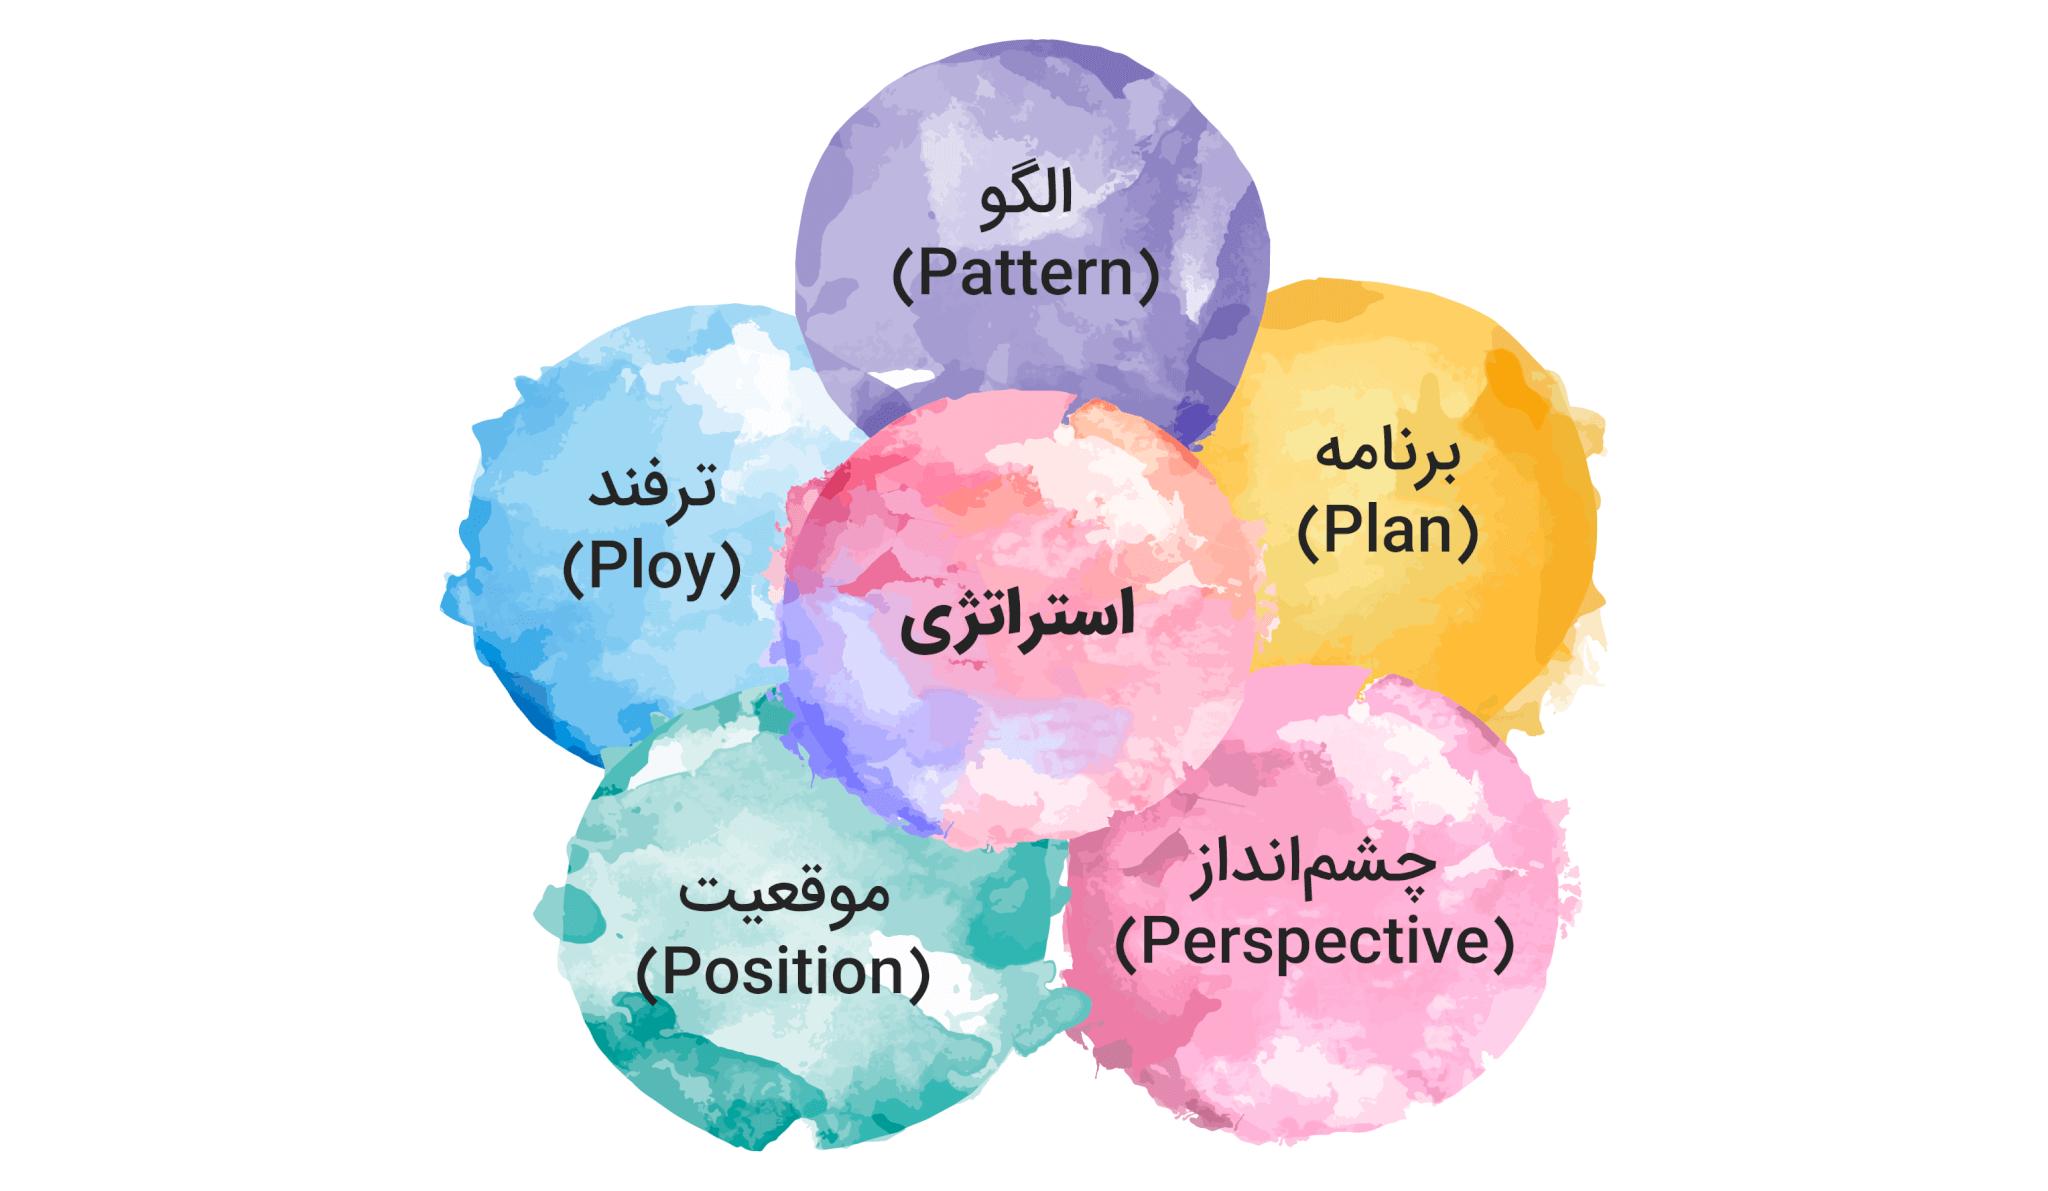 مفهوم 5P در استراتژی